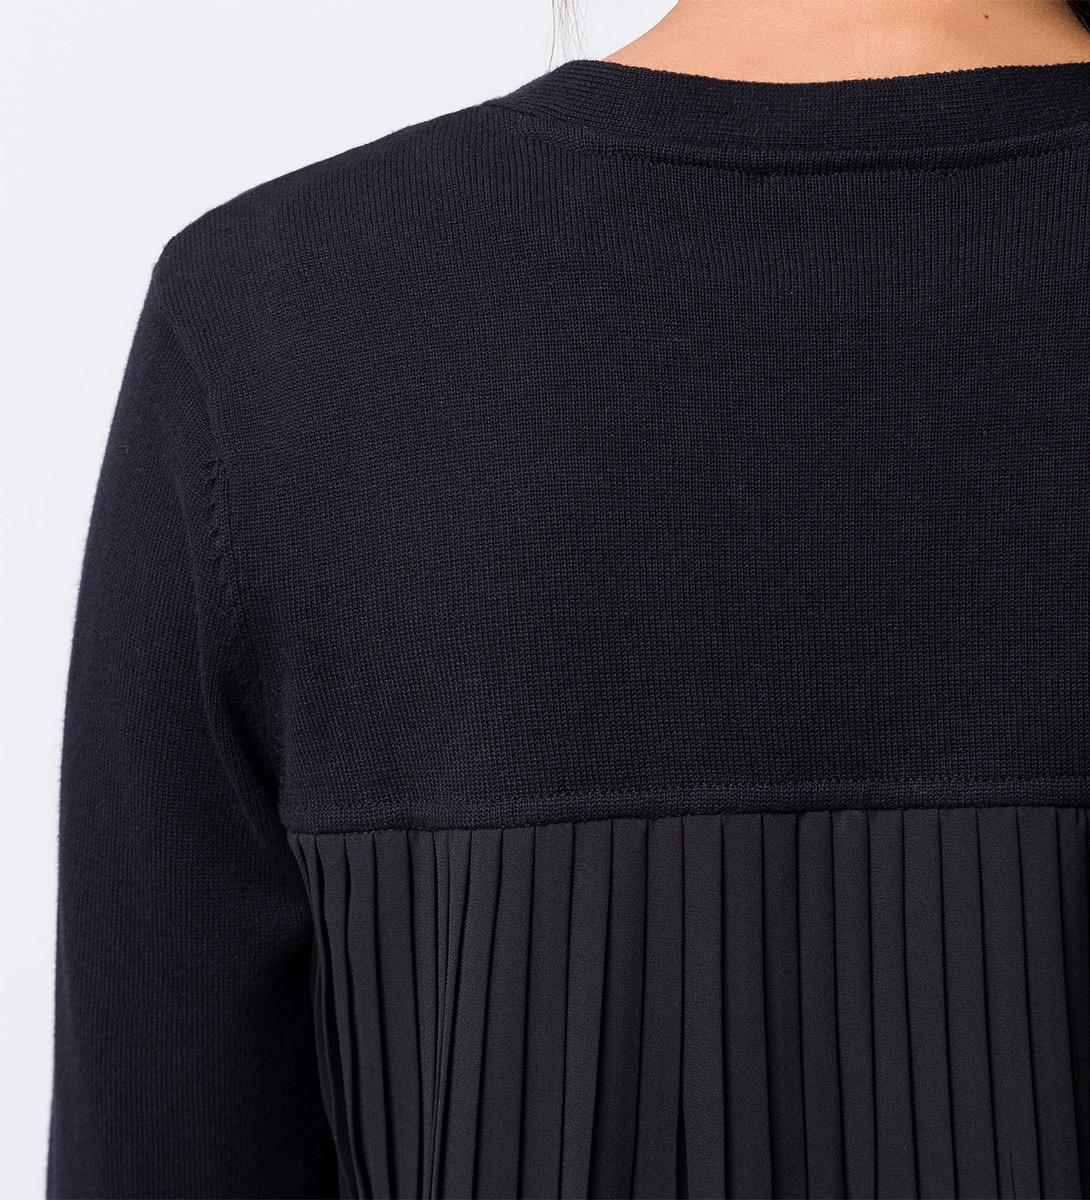 Strickjacke mit Plisseefalten hinten in black